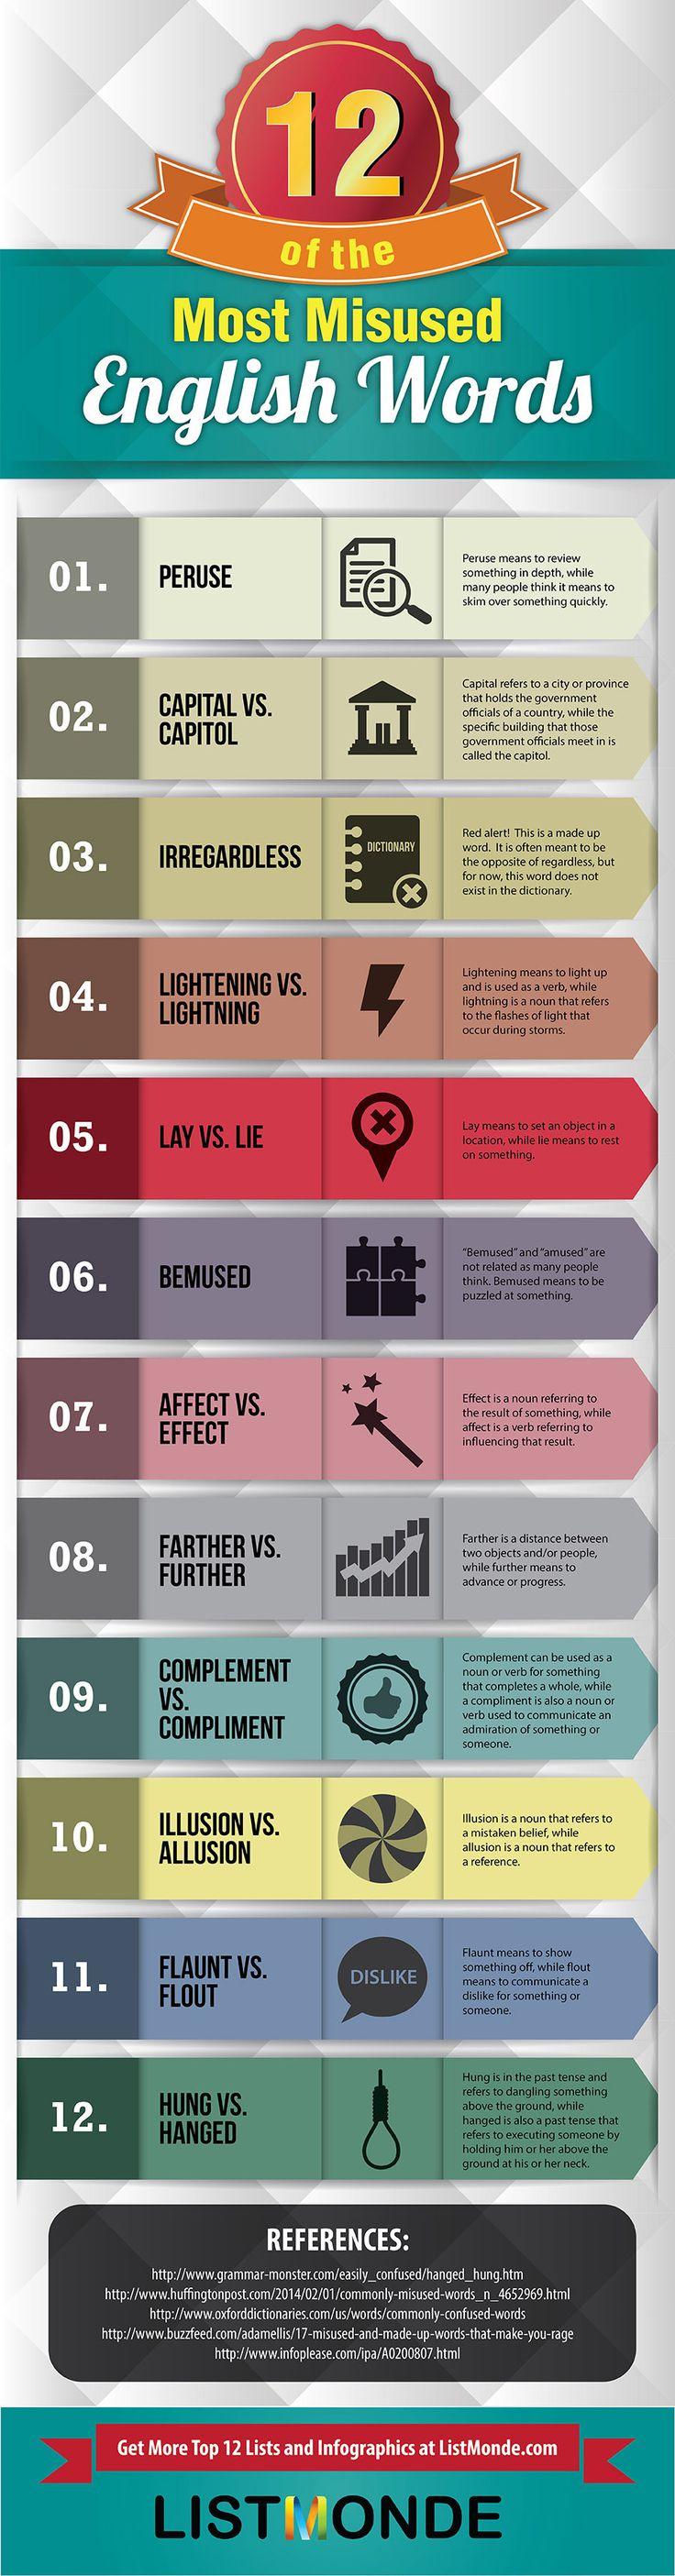 Twelve commonly misused words